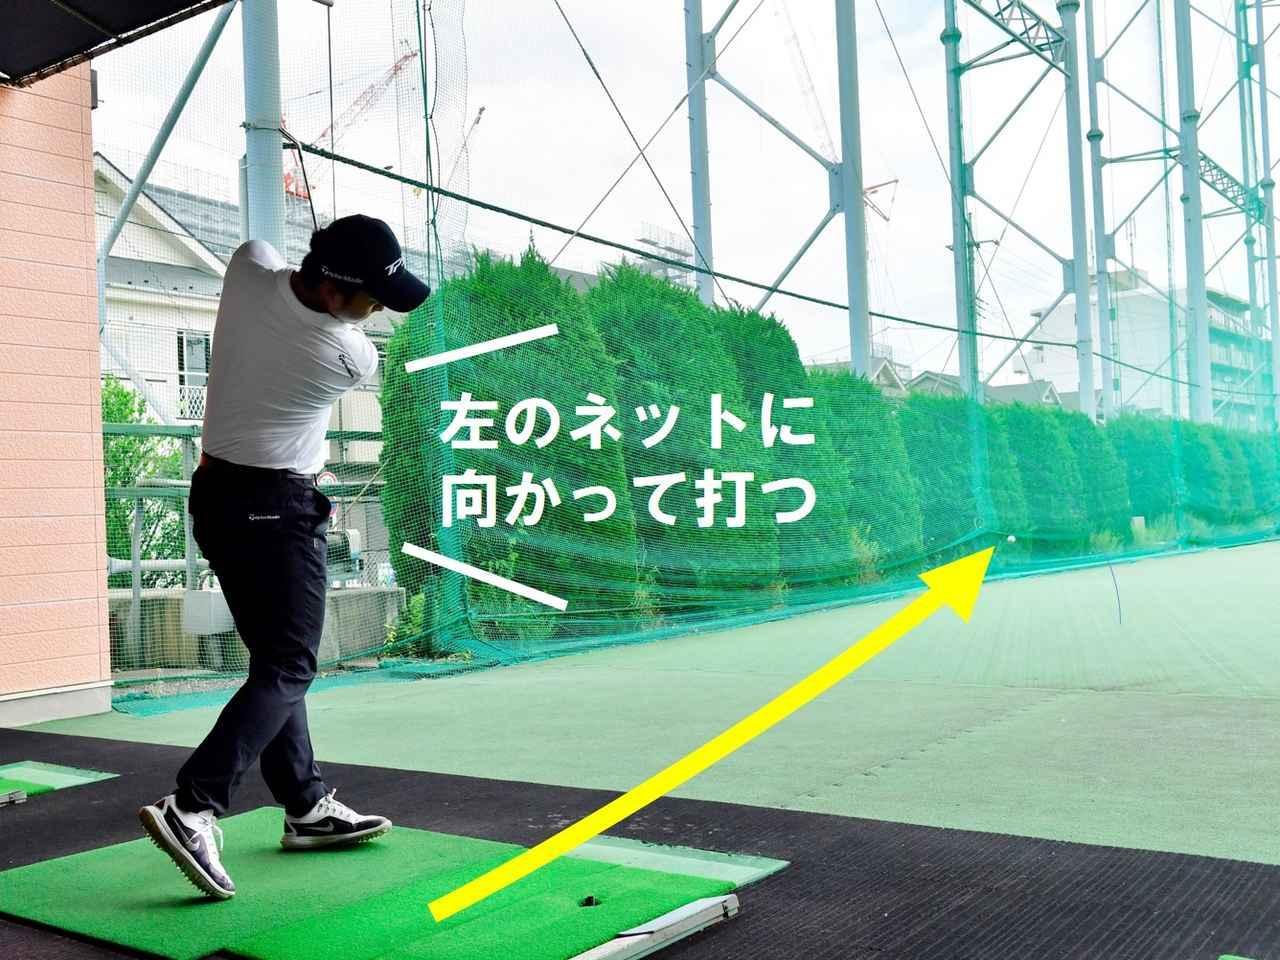 画像: フェースの開きを直すにはこのドリル 左手甲を下に向けて「ヒッカケ」を打つドリルが効く!